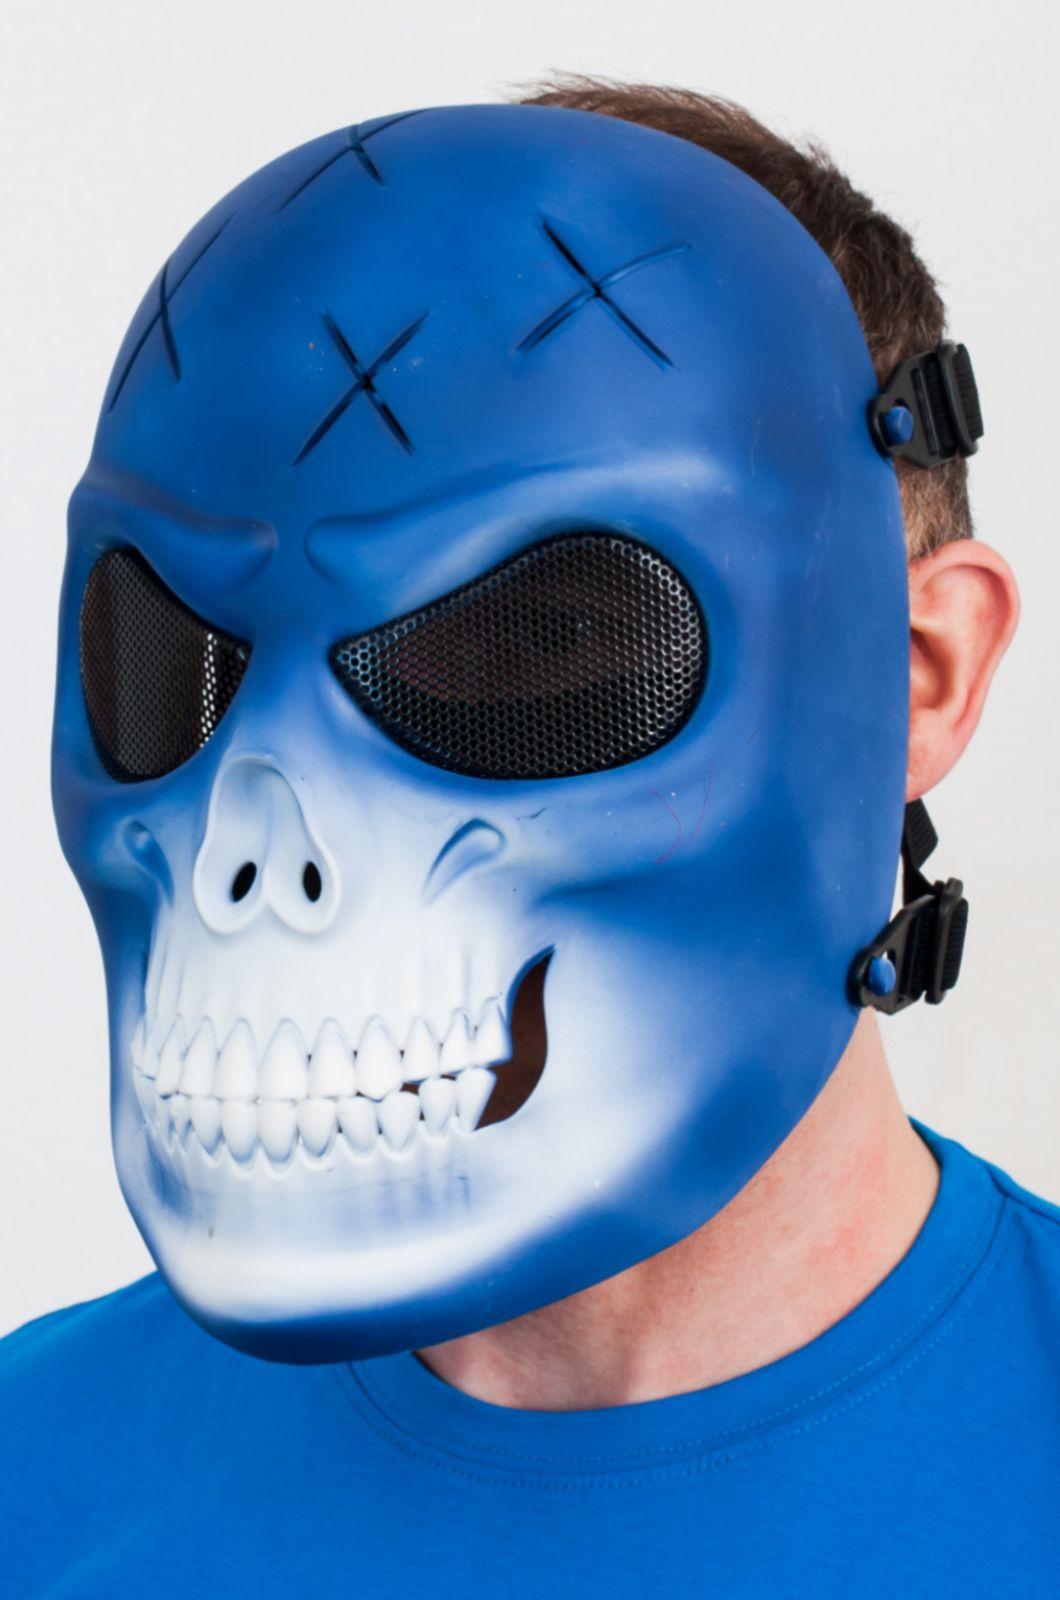 Защитная маска для страйкбола из ударопрочного пластика